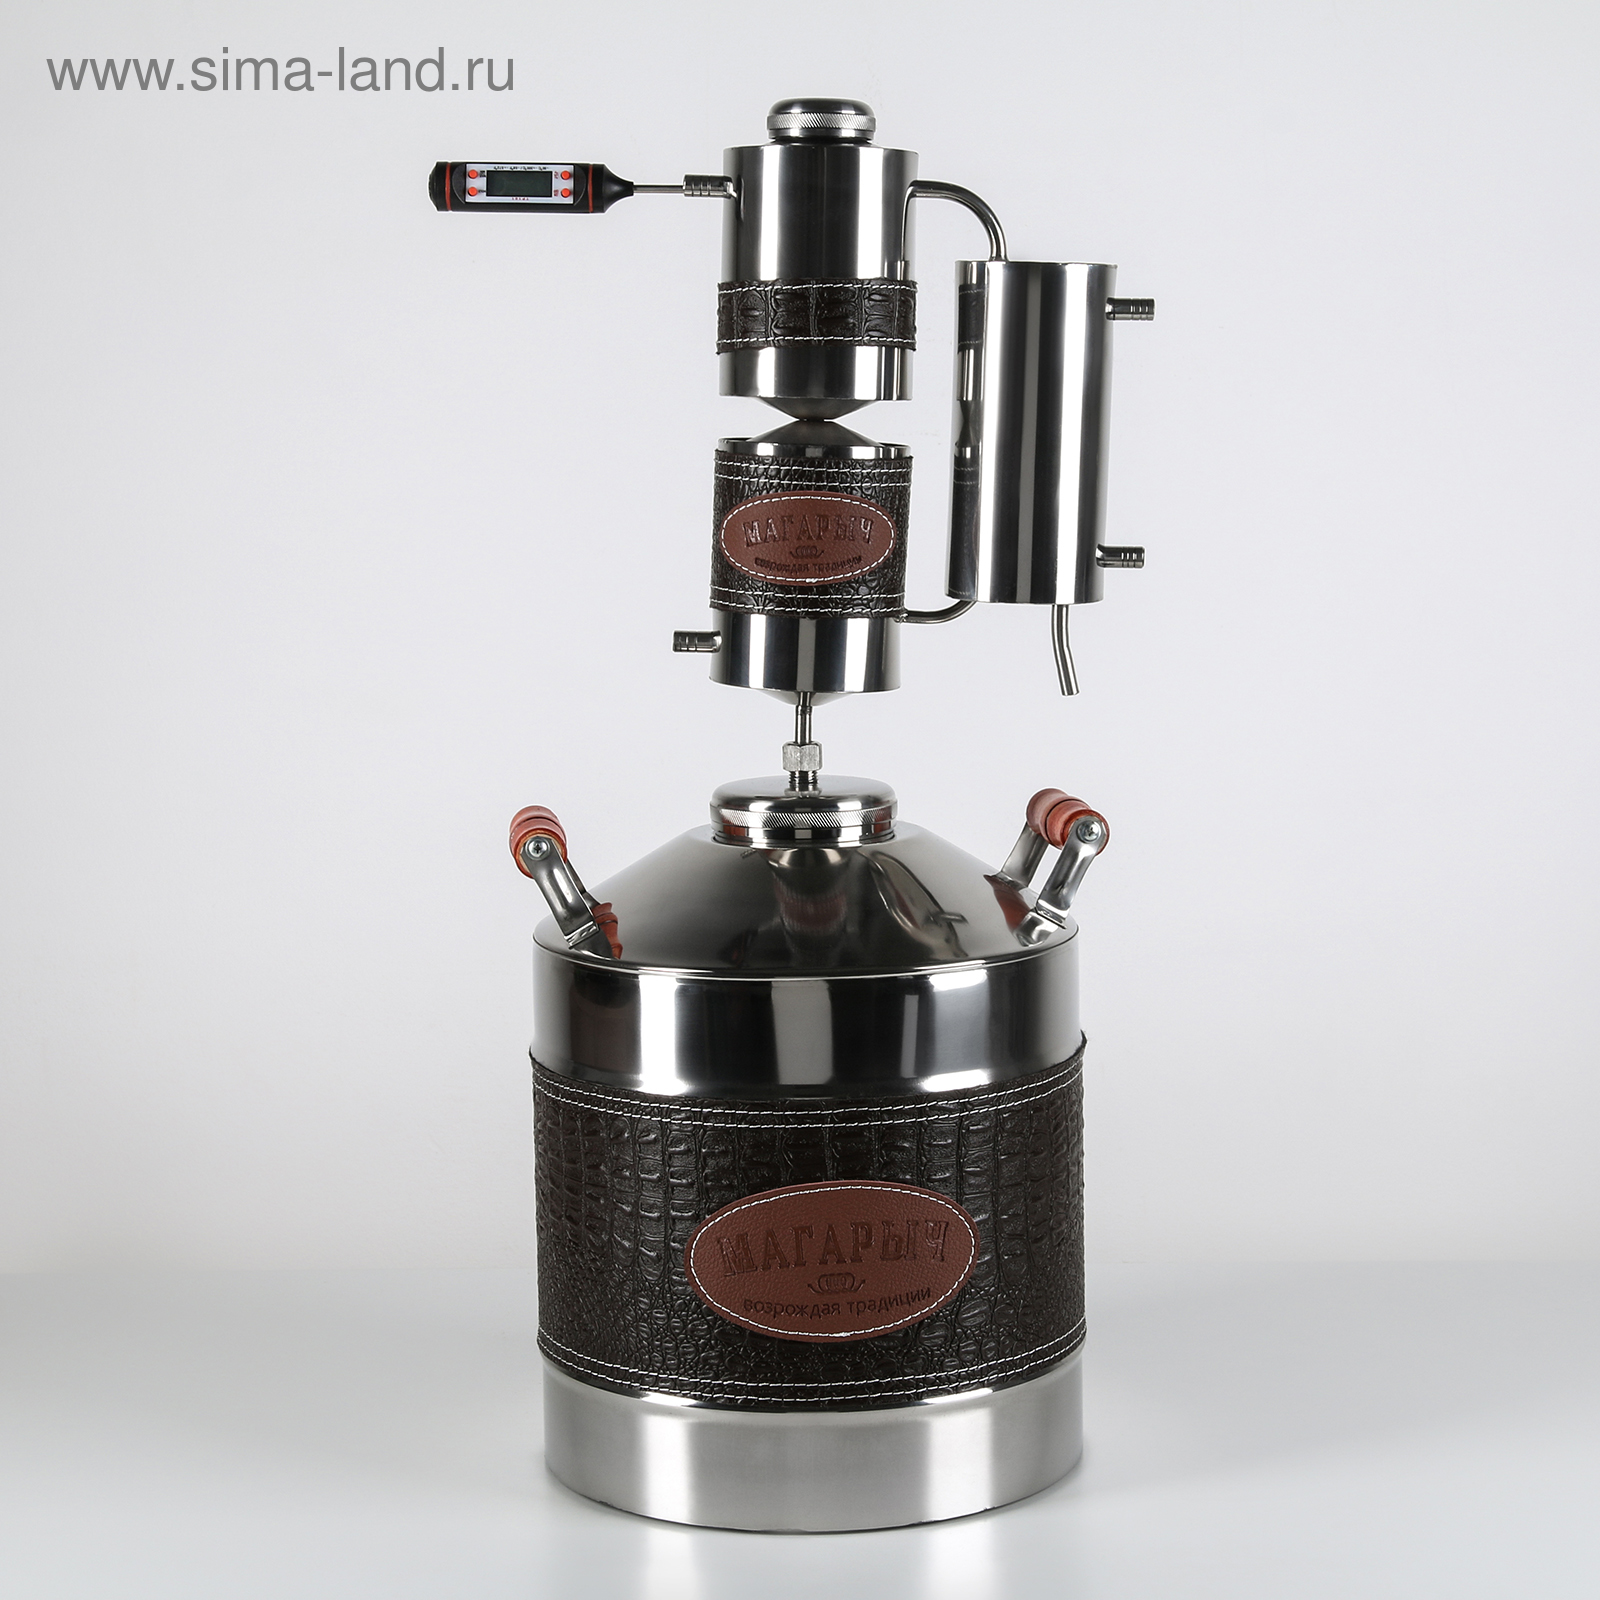 Отзывы о самогонном аппарате магарыч машковского домашняя пивоварня купить в барнауле